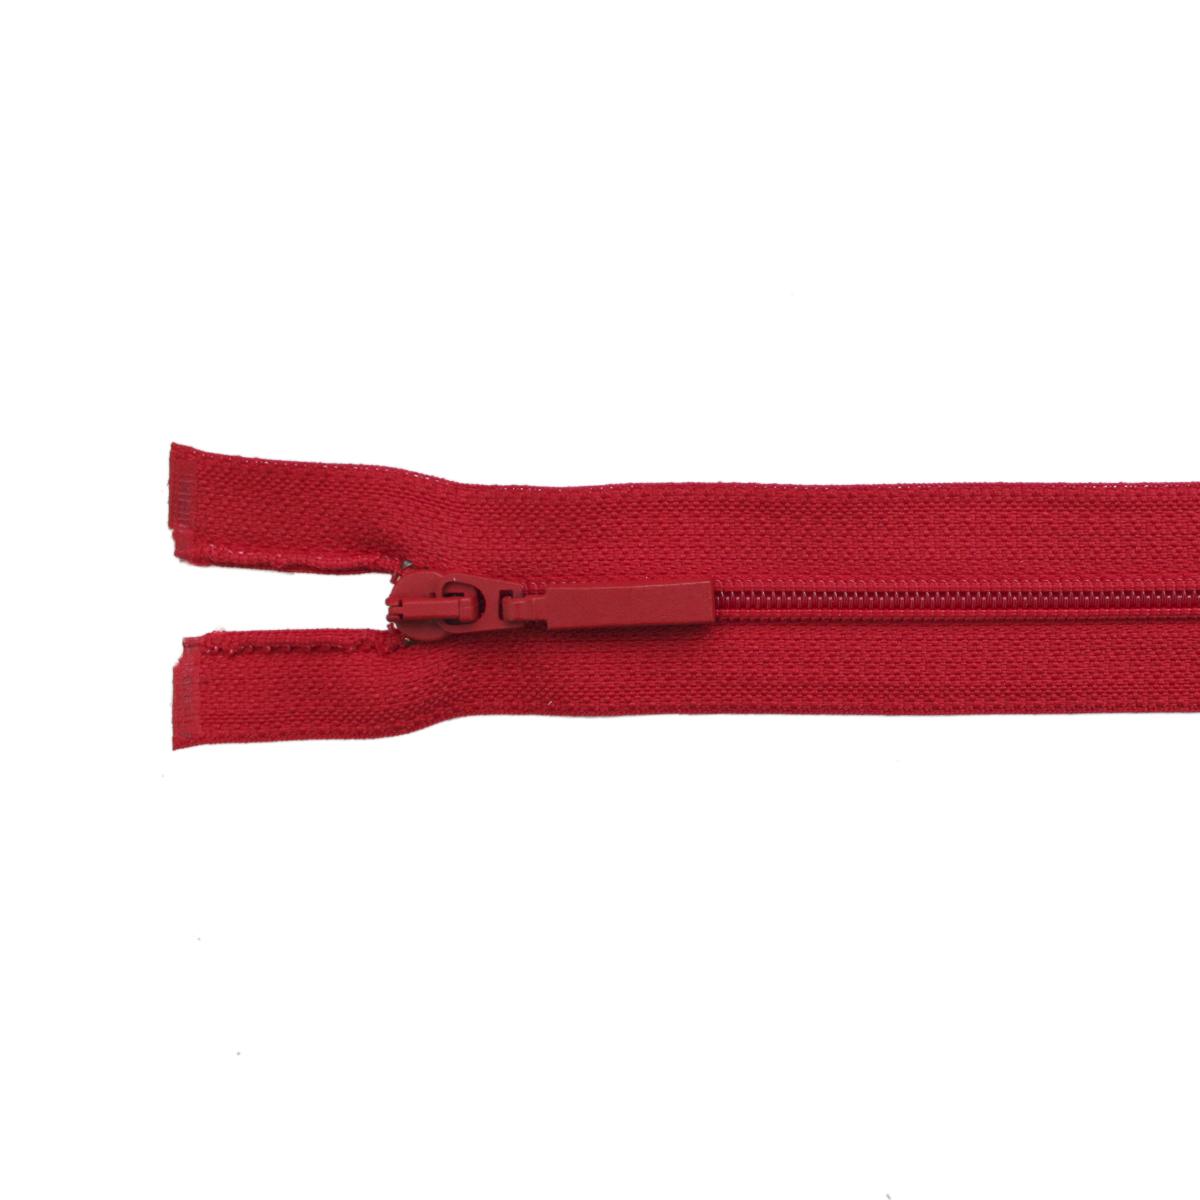 Застежка-молния витая Arta-F, цвет: красный (519), 85 см25385-519Продукция ARTA-F сертифицирована на Российский, Британский и Латвийский стандарт. Фурнитура ARTA-F изготавливается из европейских материалов, на современном оборудовании, в соответствии с высокими требованиями стандартов. Вся продукция фабрики проходит тесты на качество.Звено застежки-молнии Экстра имеет боковые приливы, которые исключают контакт замка с текстильной лентой, а сокращенный до минимума зазор между замком и приливами звена предохраняет от возможности попадания в замок подкладки, меха, нитей. В то же время эти меры повышают прочность застежки при высоких нагрузках, особенно на изгиб. Применение таких приливов на молниях ARTA-F не только повышает эксплуатационные качества застежки, но и увеличивает прочность крепления звена к ленте, и продлевает срок службы застежек-молний ARTA-F. Такая застежка-молния безопасна, легка в использовании и не повредит одежду.